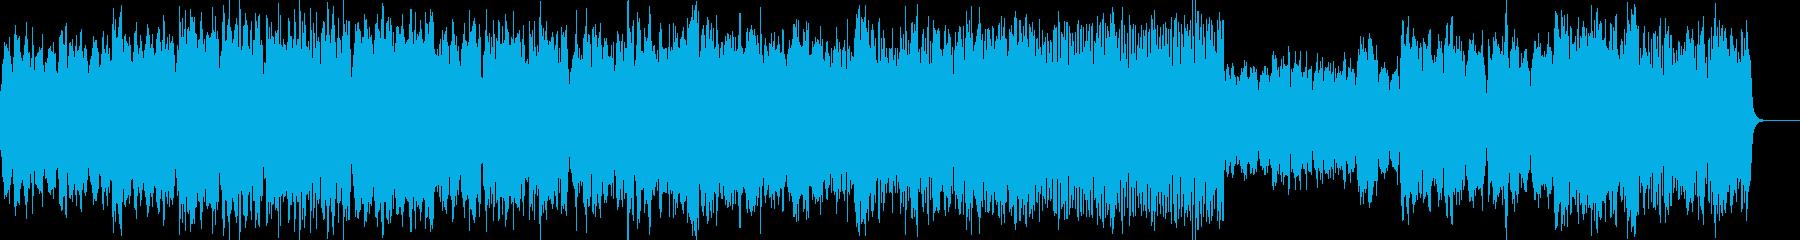 上品 ティータイム 中世 バロック 優雅の再生済みの波形